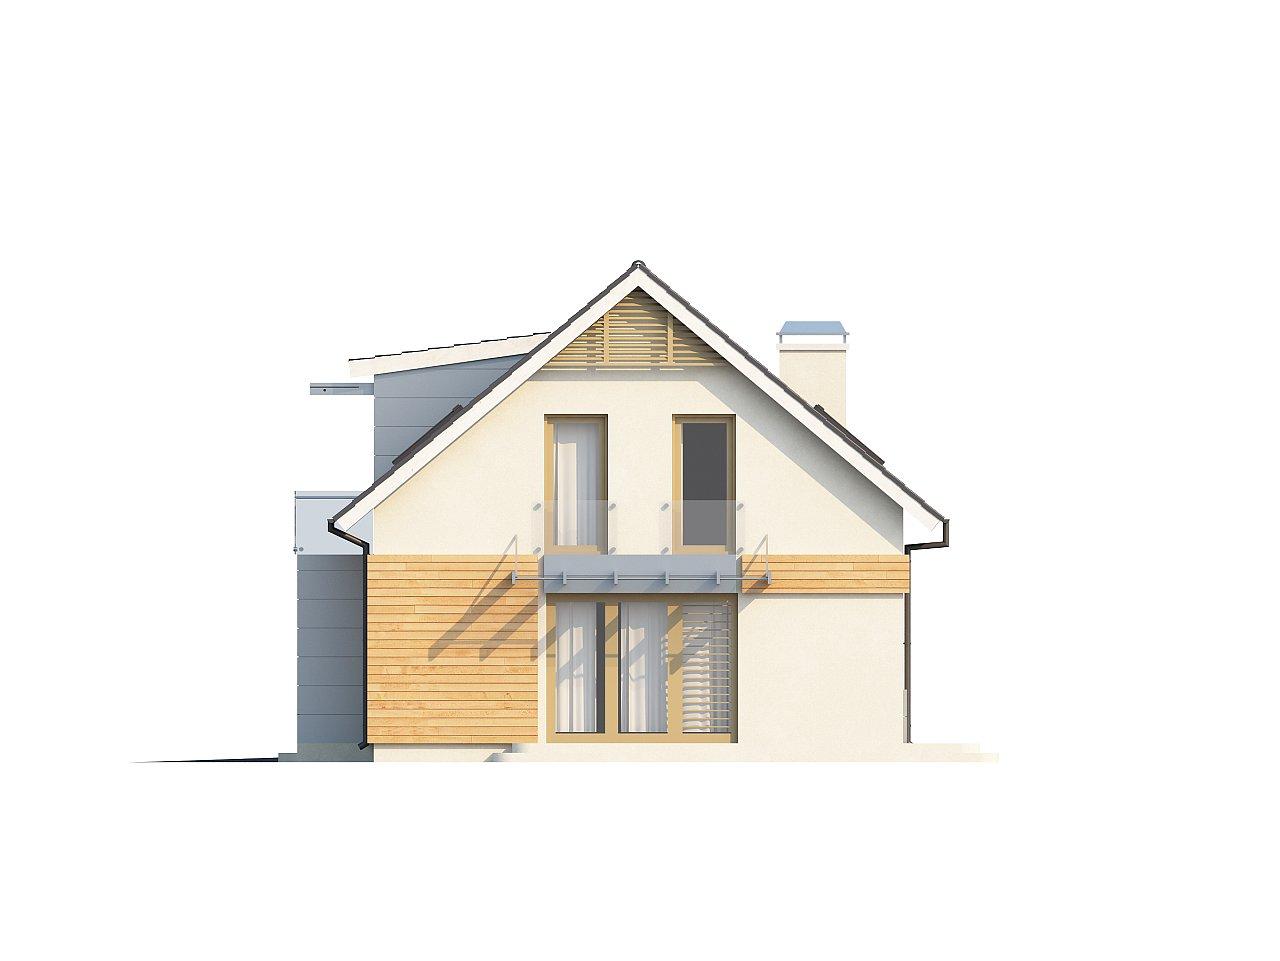 Традиционный практичный дом с современными элементами архитектуры. 11